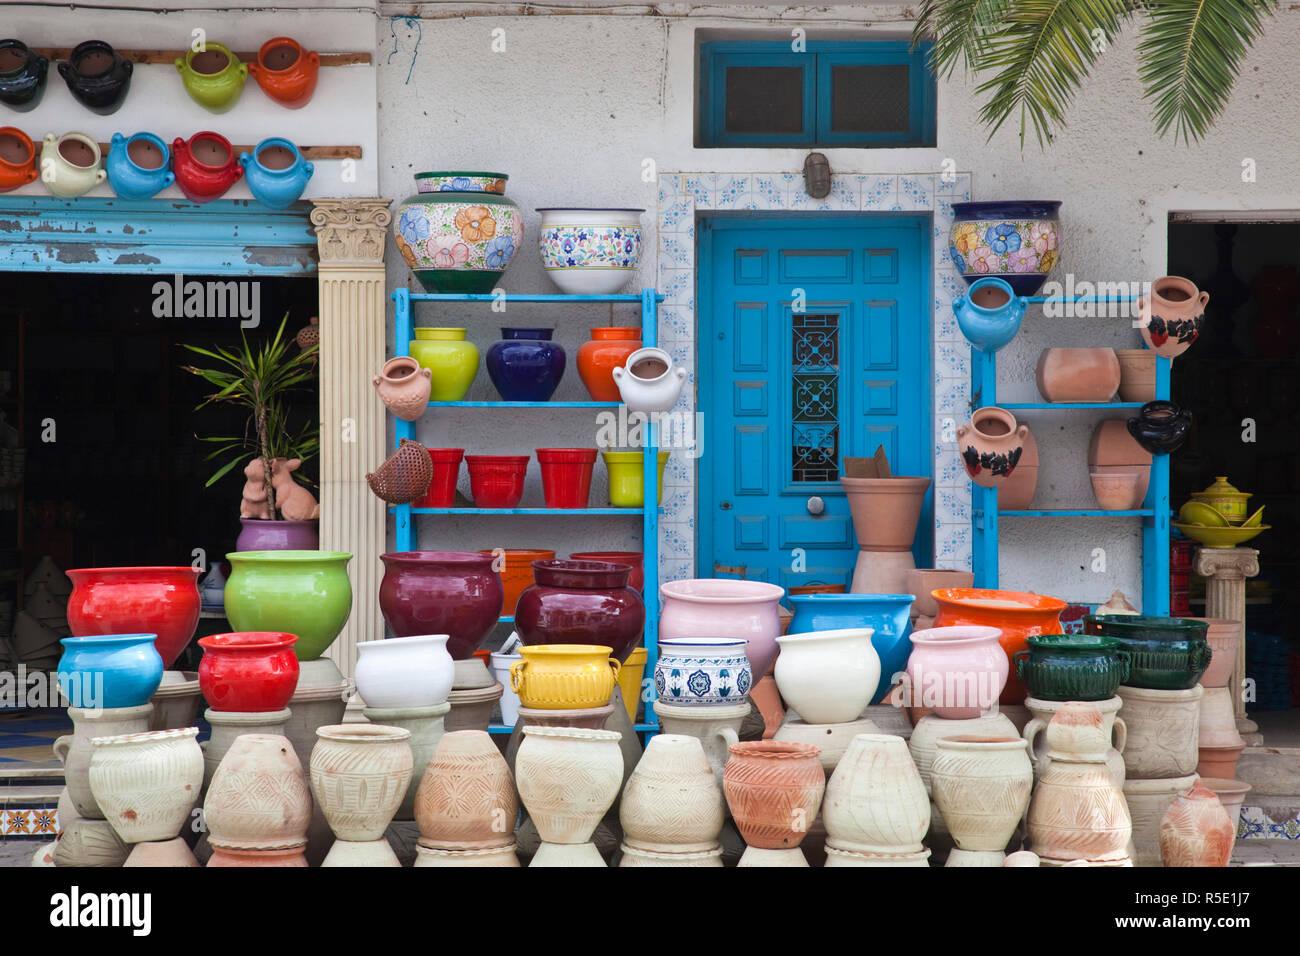 La Tunisia, Cap Bon, Nabeul, più grande ceramica tunisino center, negozio di ceramiche Immagini Stock